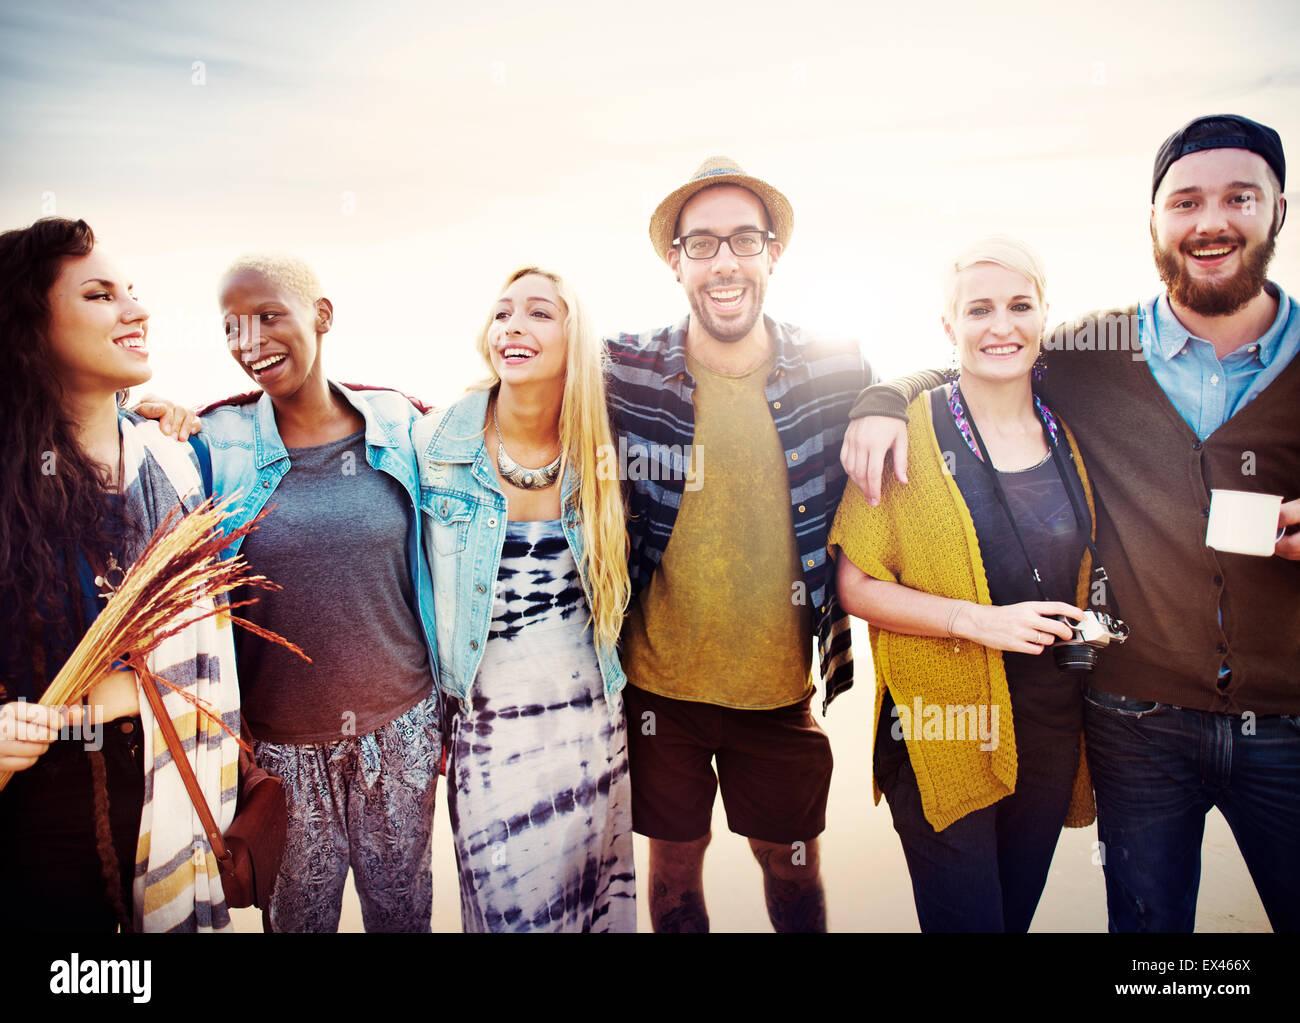 Amitié amis Vacances Loisirs Concept amusant ensemble Photo Stock